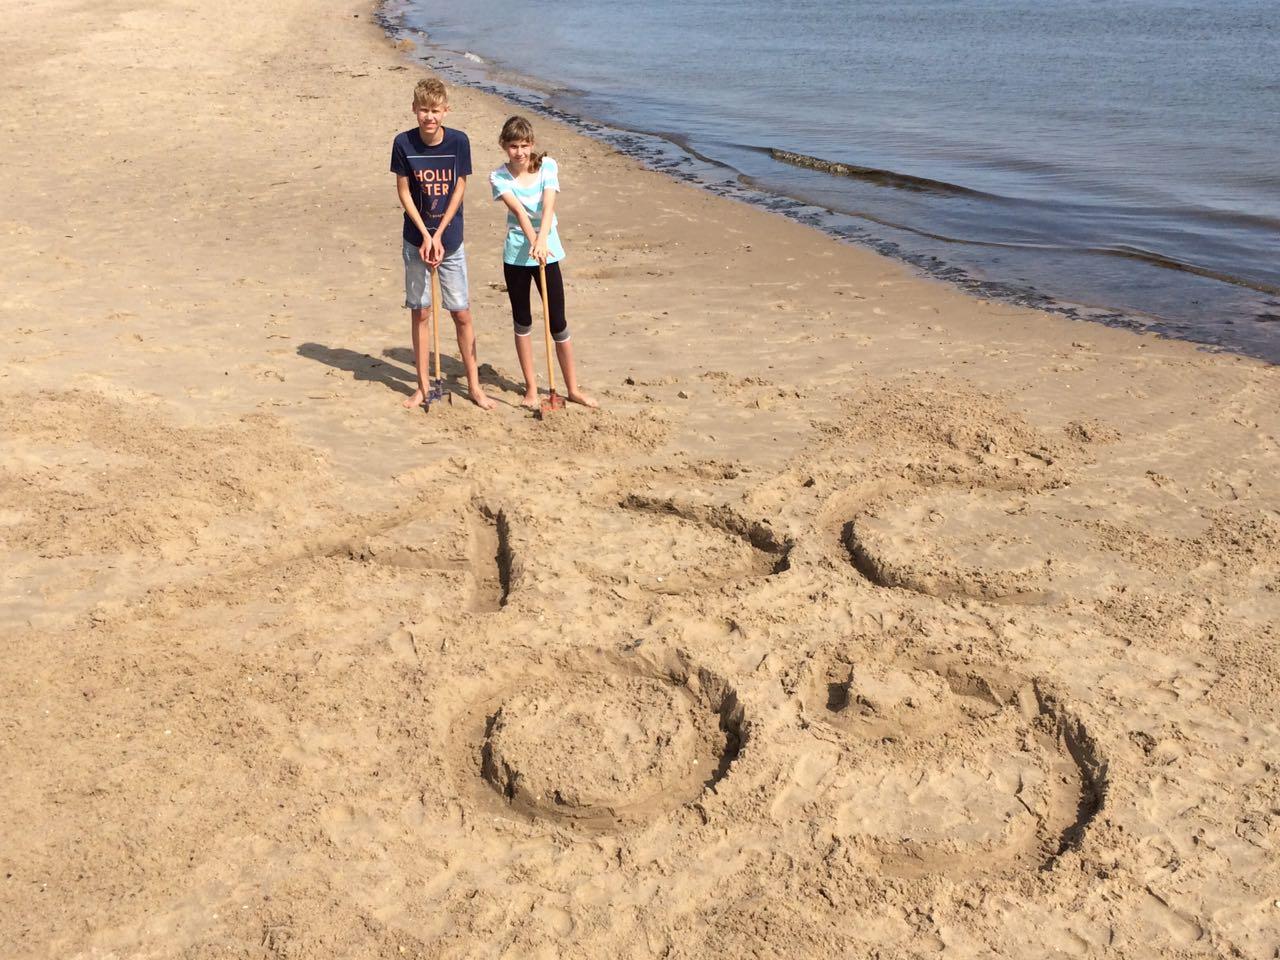 Und noch ein Gruß . . . ohne Namen, aber mit sehr eindrucksvoller Sandarbeit in Handarbeit!